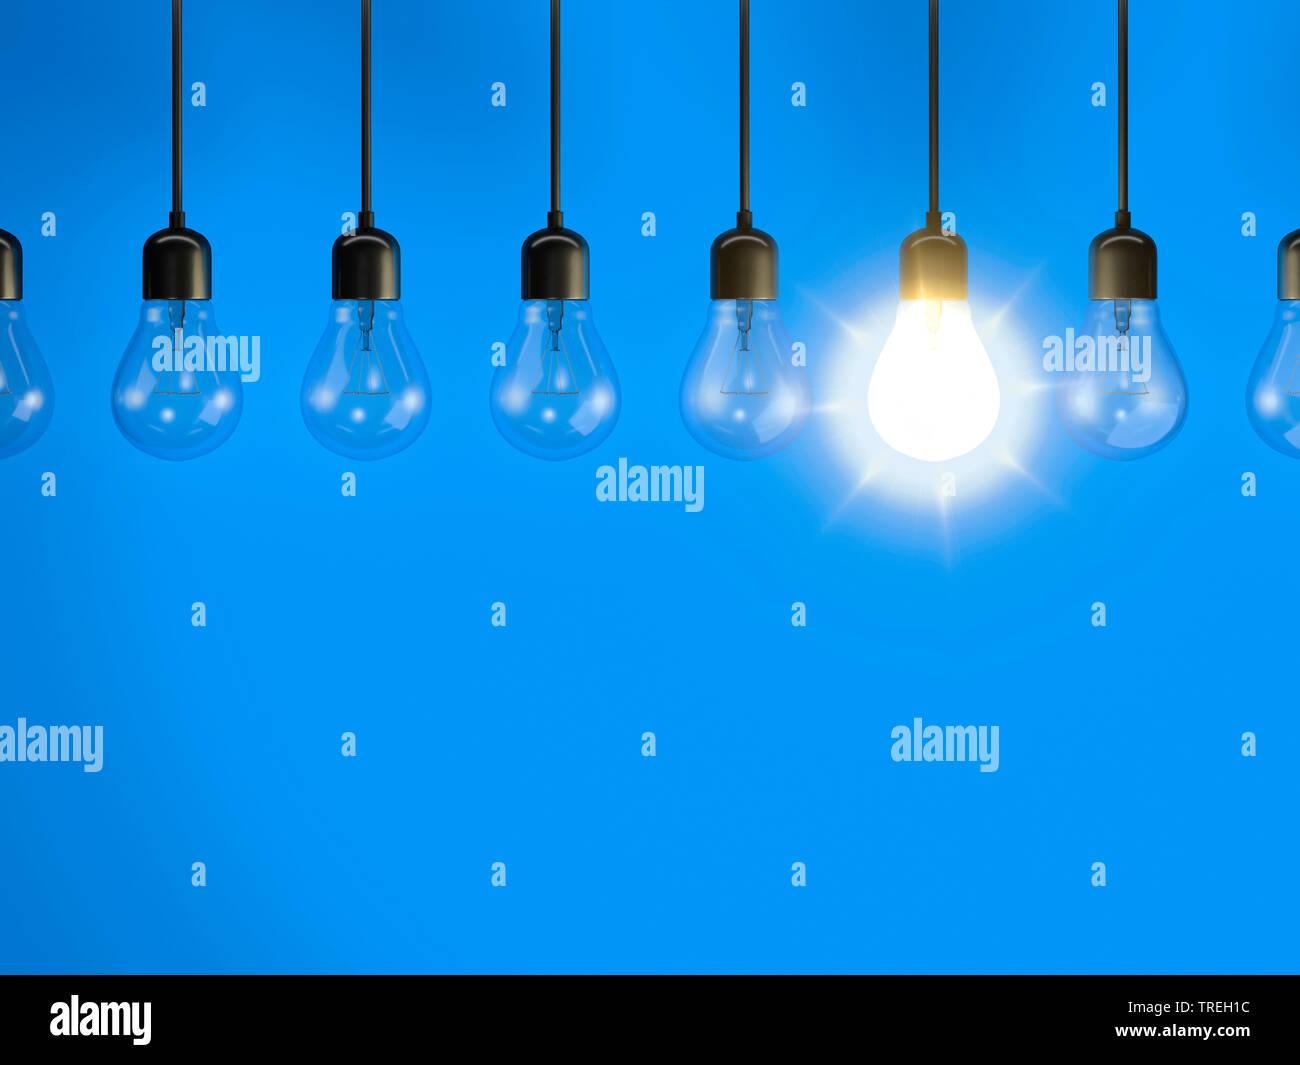 3D-Computergrafik, Gluehbirnen (eine brennend) vor blauem Hintergrund   3D computer graphic, pendant lamps (one lighted) against blue background   BLW - Stock Image